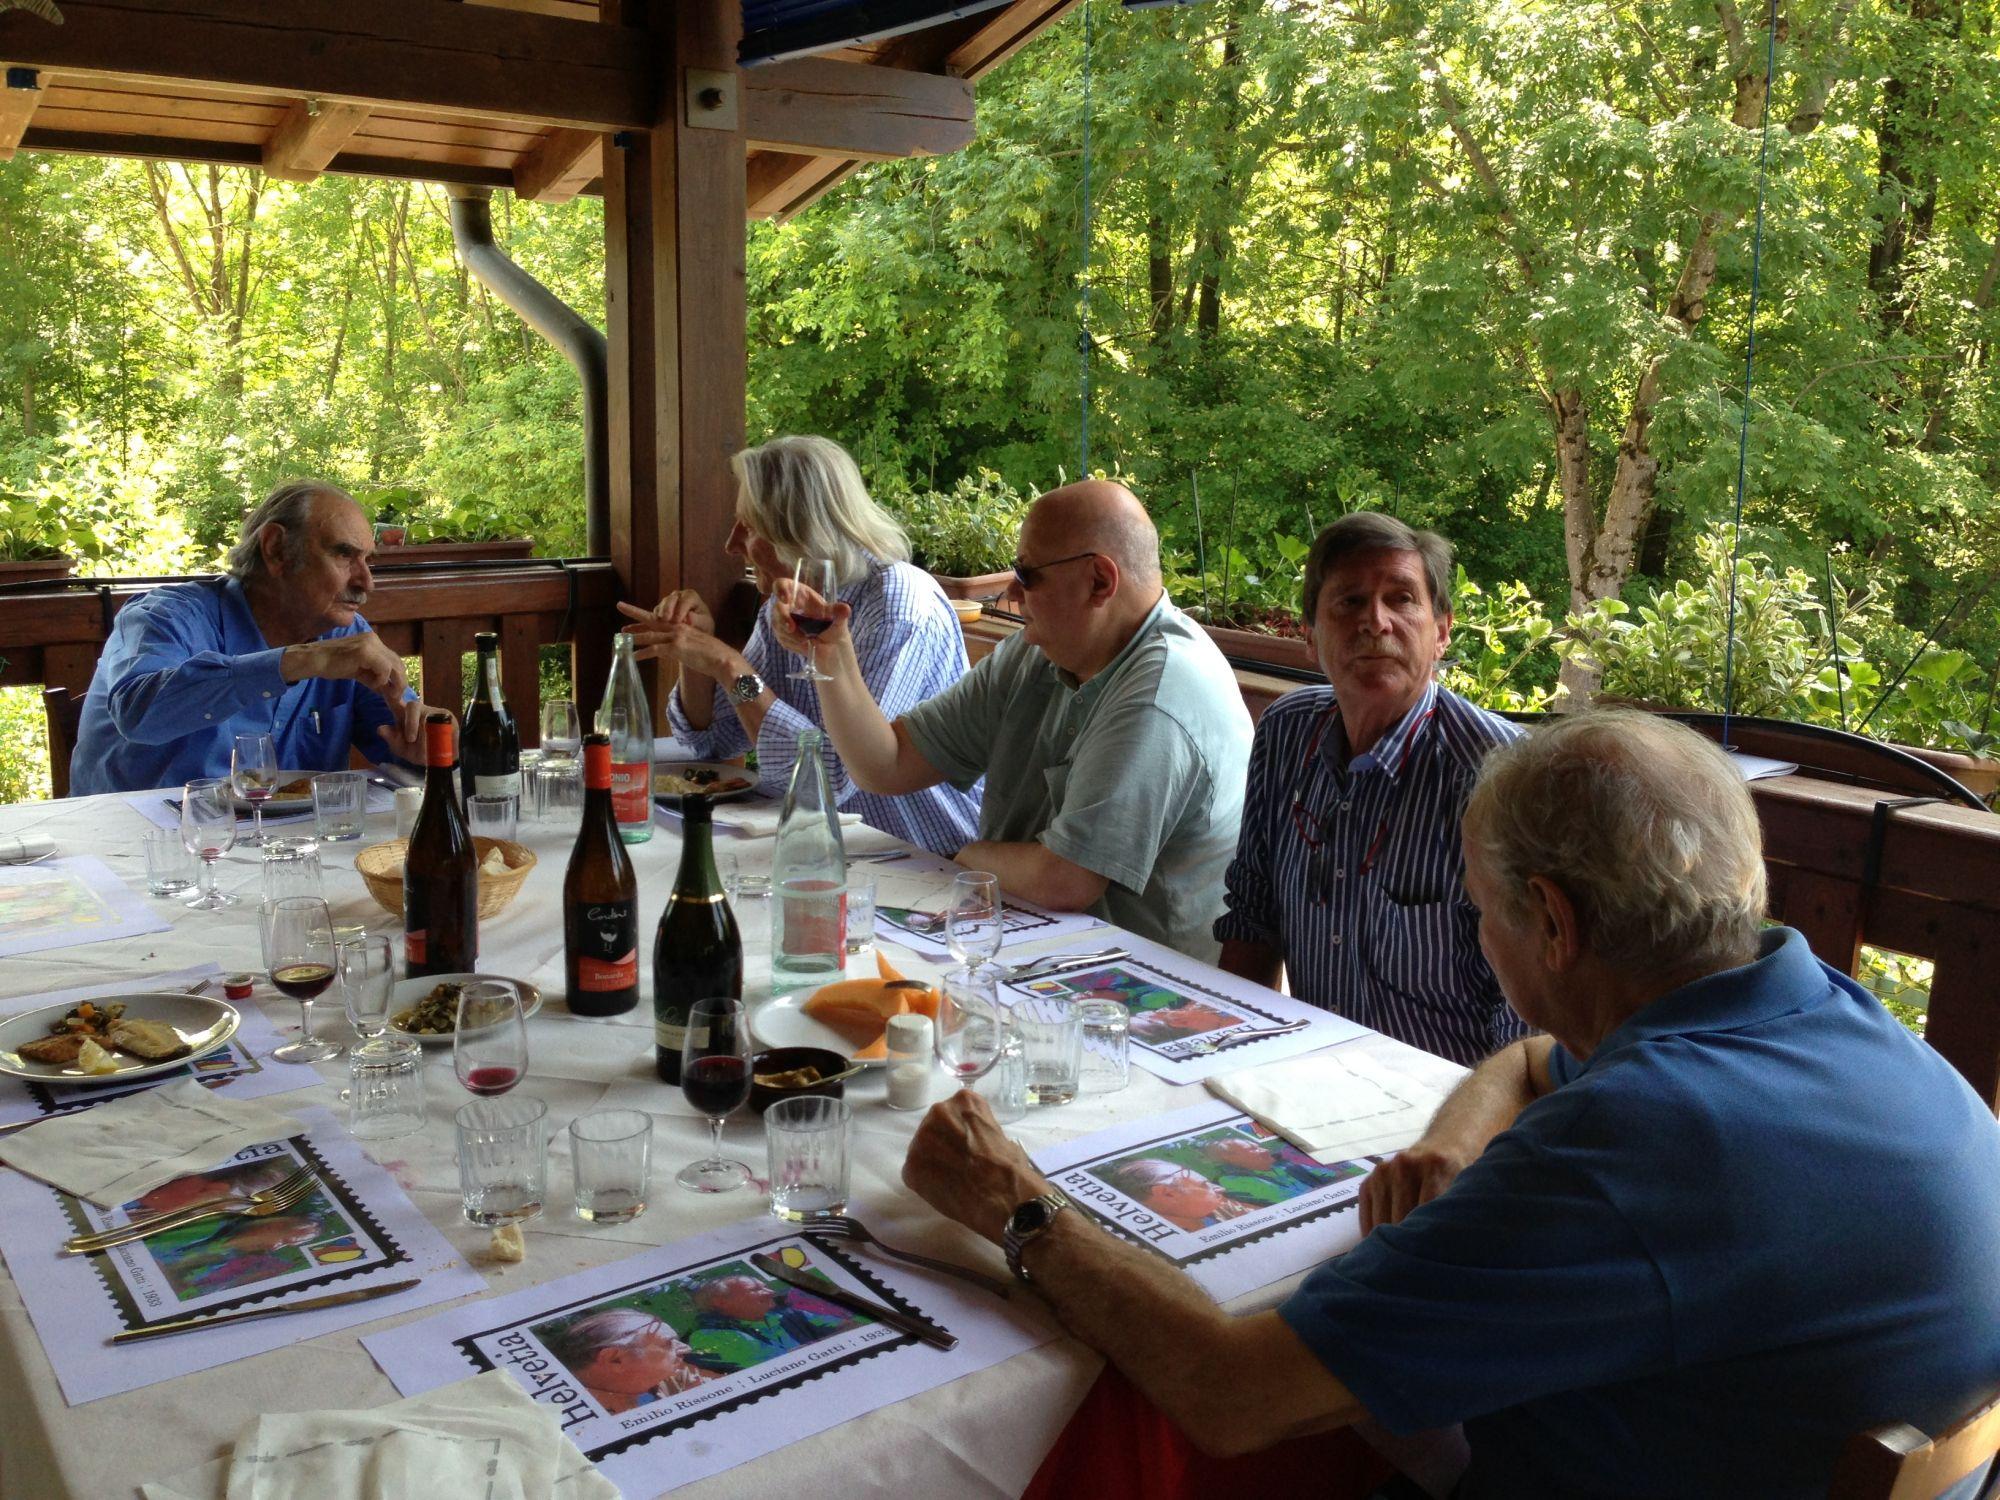 09.06.2013, Agriturismo La Sorgente a Cassano Valcuvia